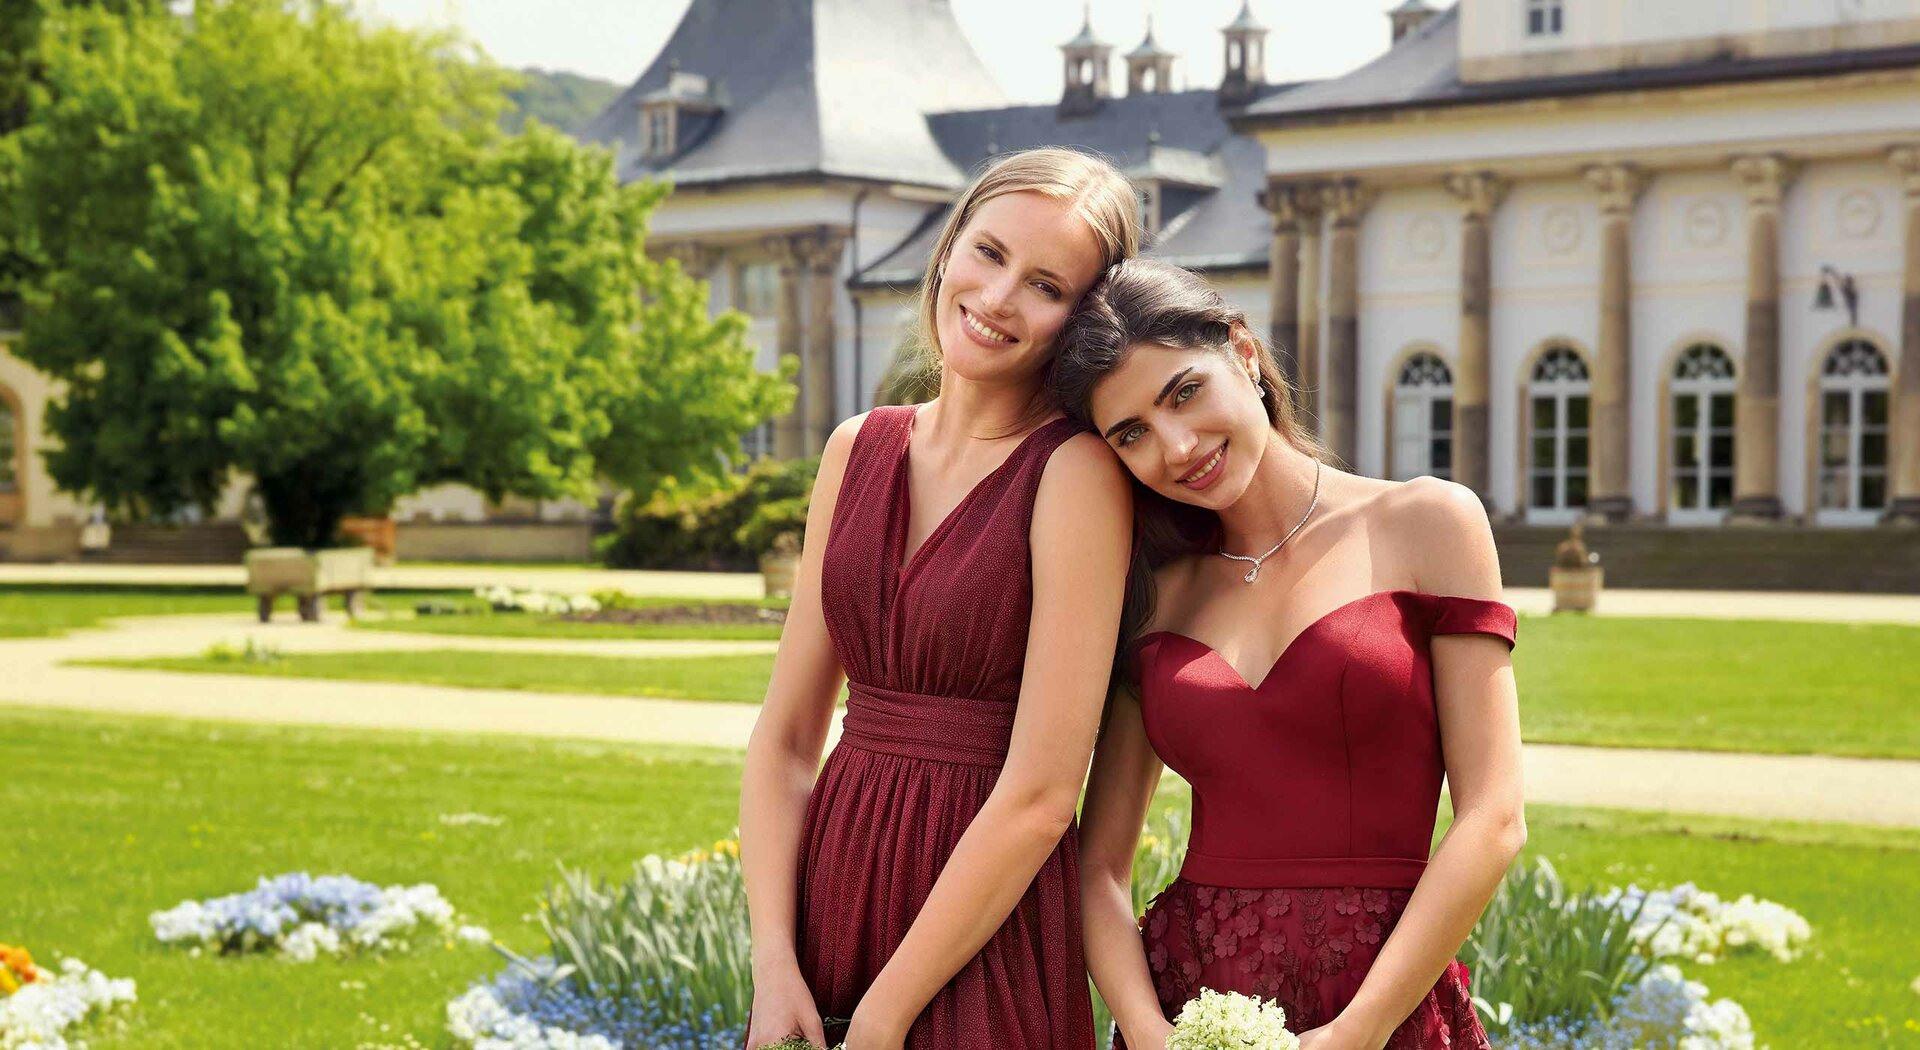 10 Spektakulär Luftige Festliche Kleider Bester Preis20 Einzigartig Luftige Festliche Kleider Ärmel